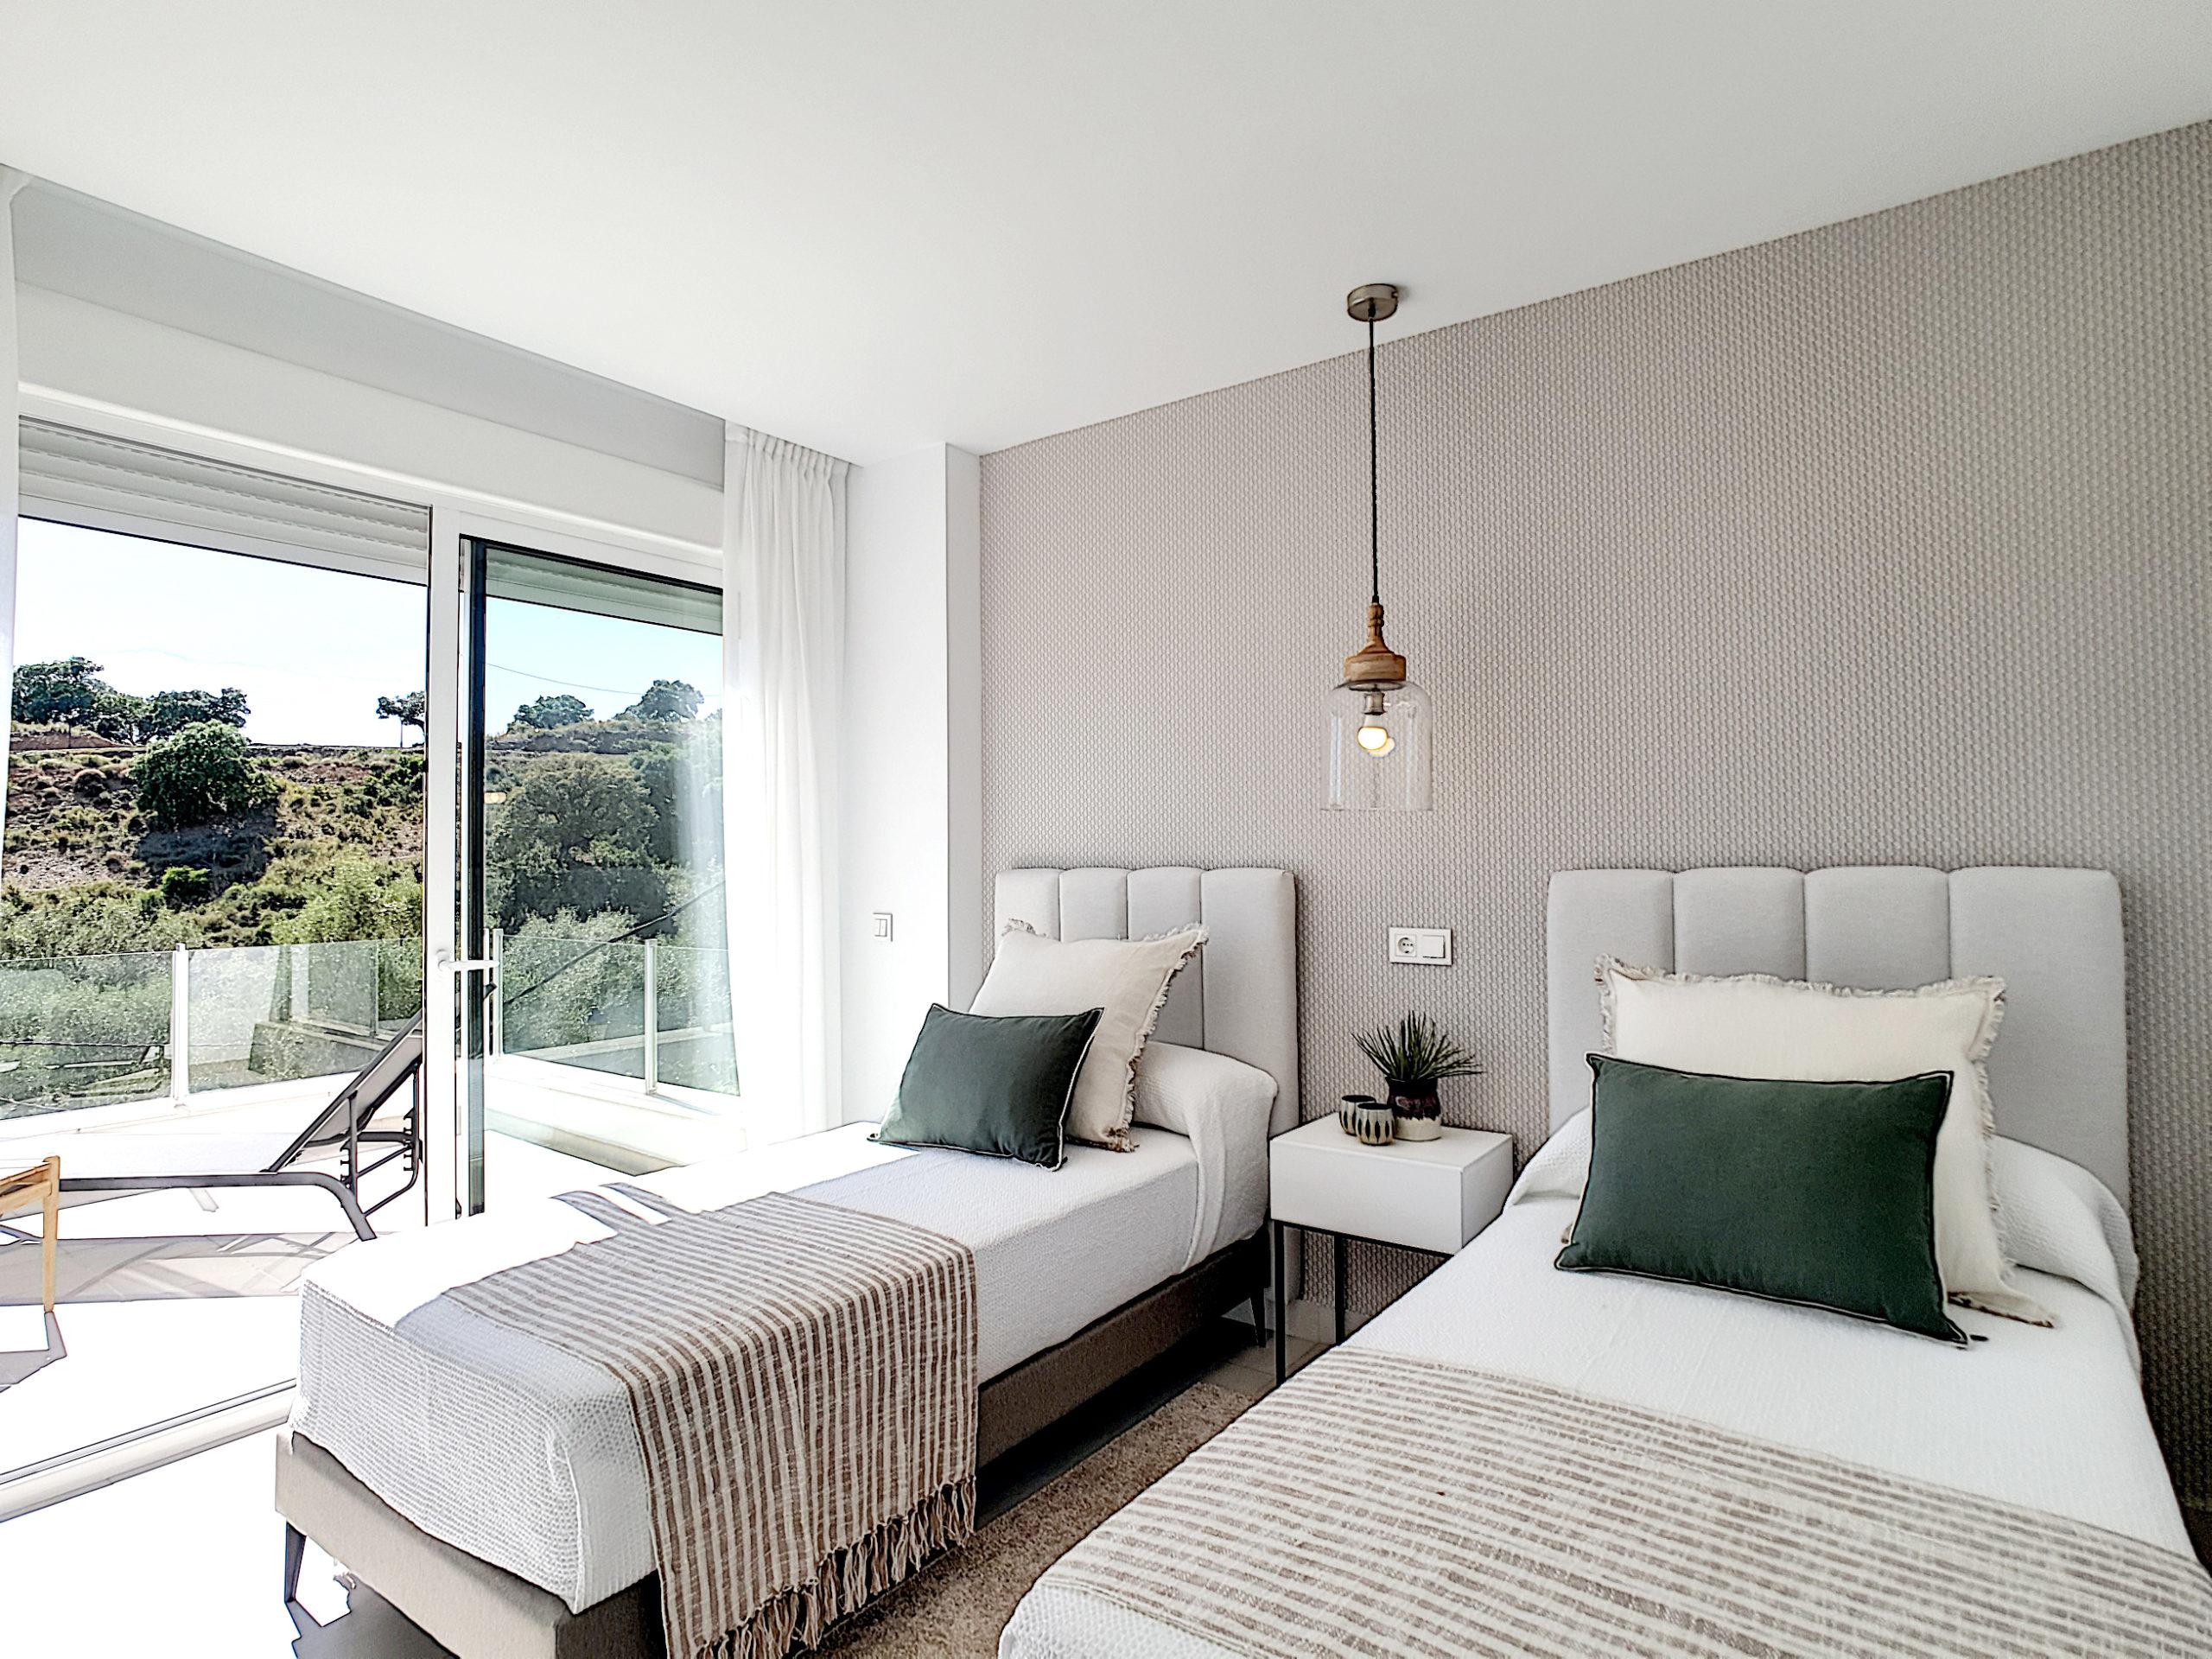 Pequeños detalles que simplifican la vida, dormitorio con armarios grandes y funcionales